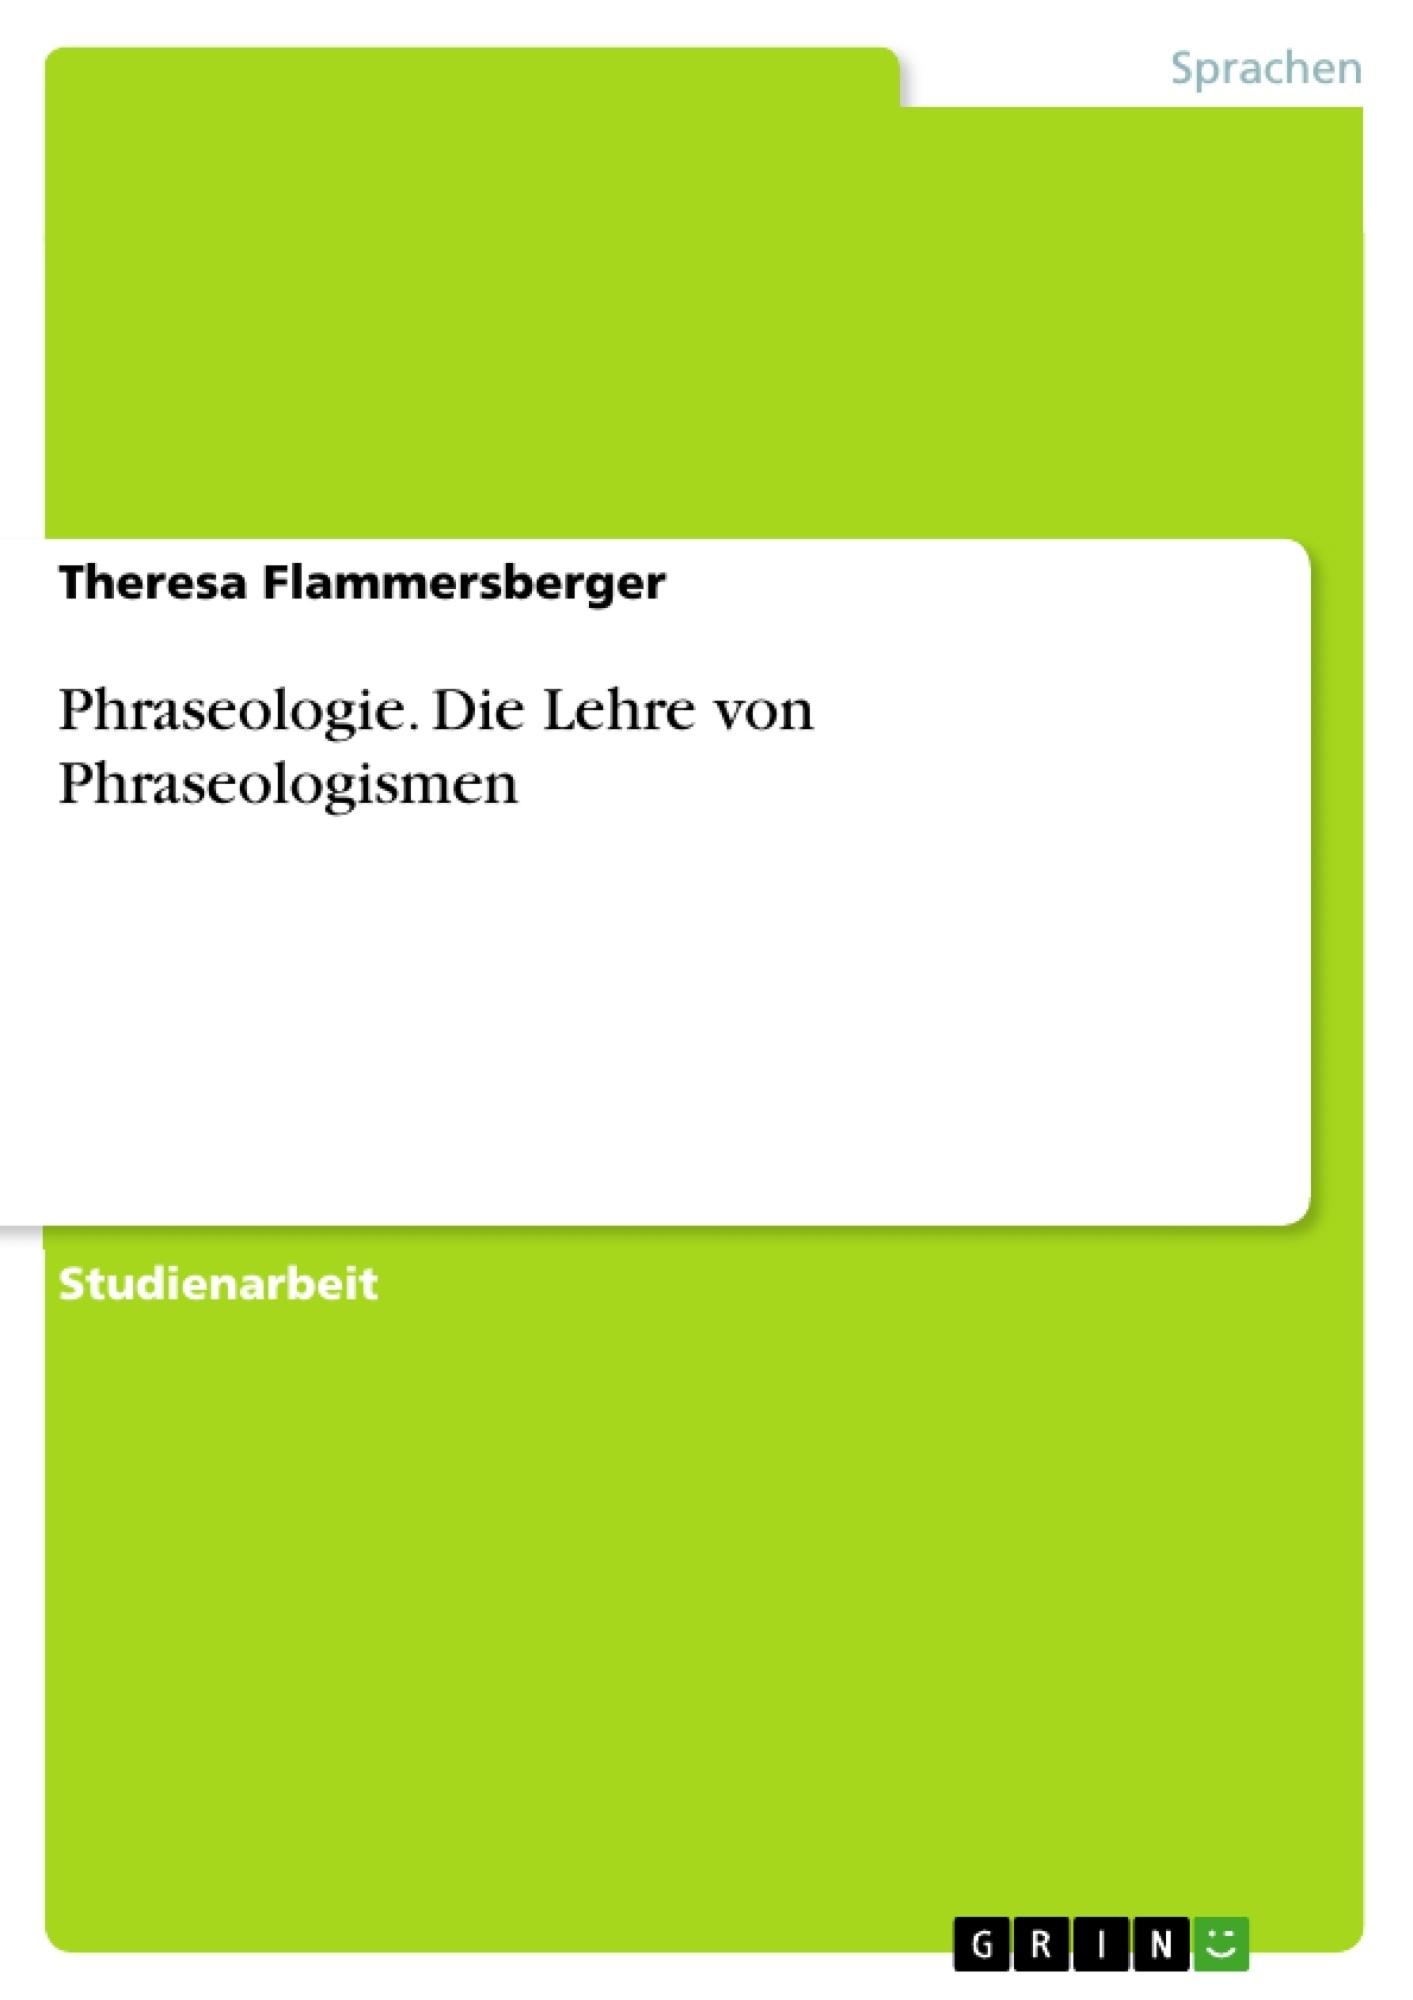 Titel: Phraseologie. Die Lehre von Phraseologismen